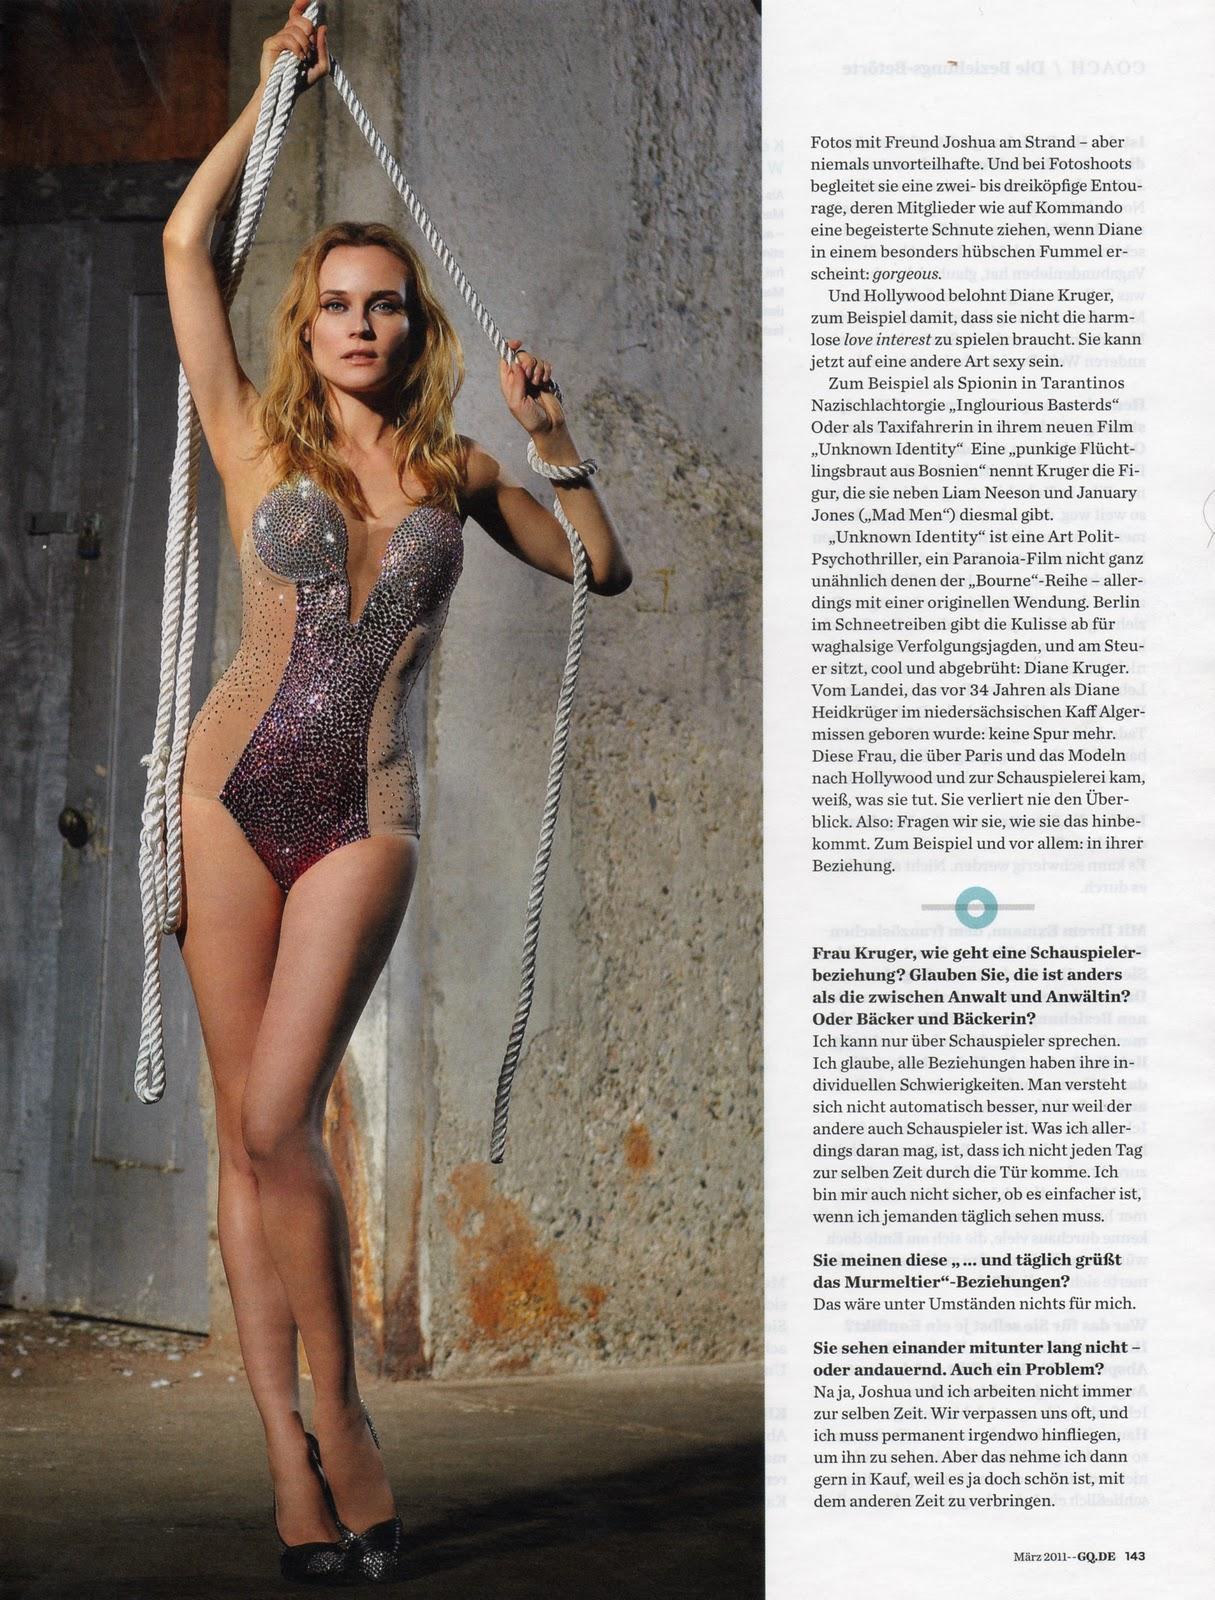 http://3.bp.blogspot.com/-nIzwiHIZHok/TV67M7MknFI/AAAAAAAAB1k/eO6SRGFoFic/s1600/diane+kruger+GQ+magazine+01.jpg